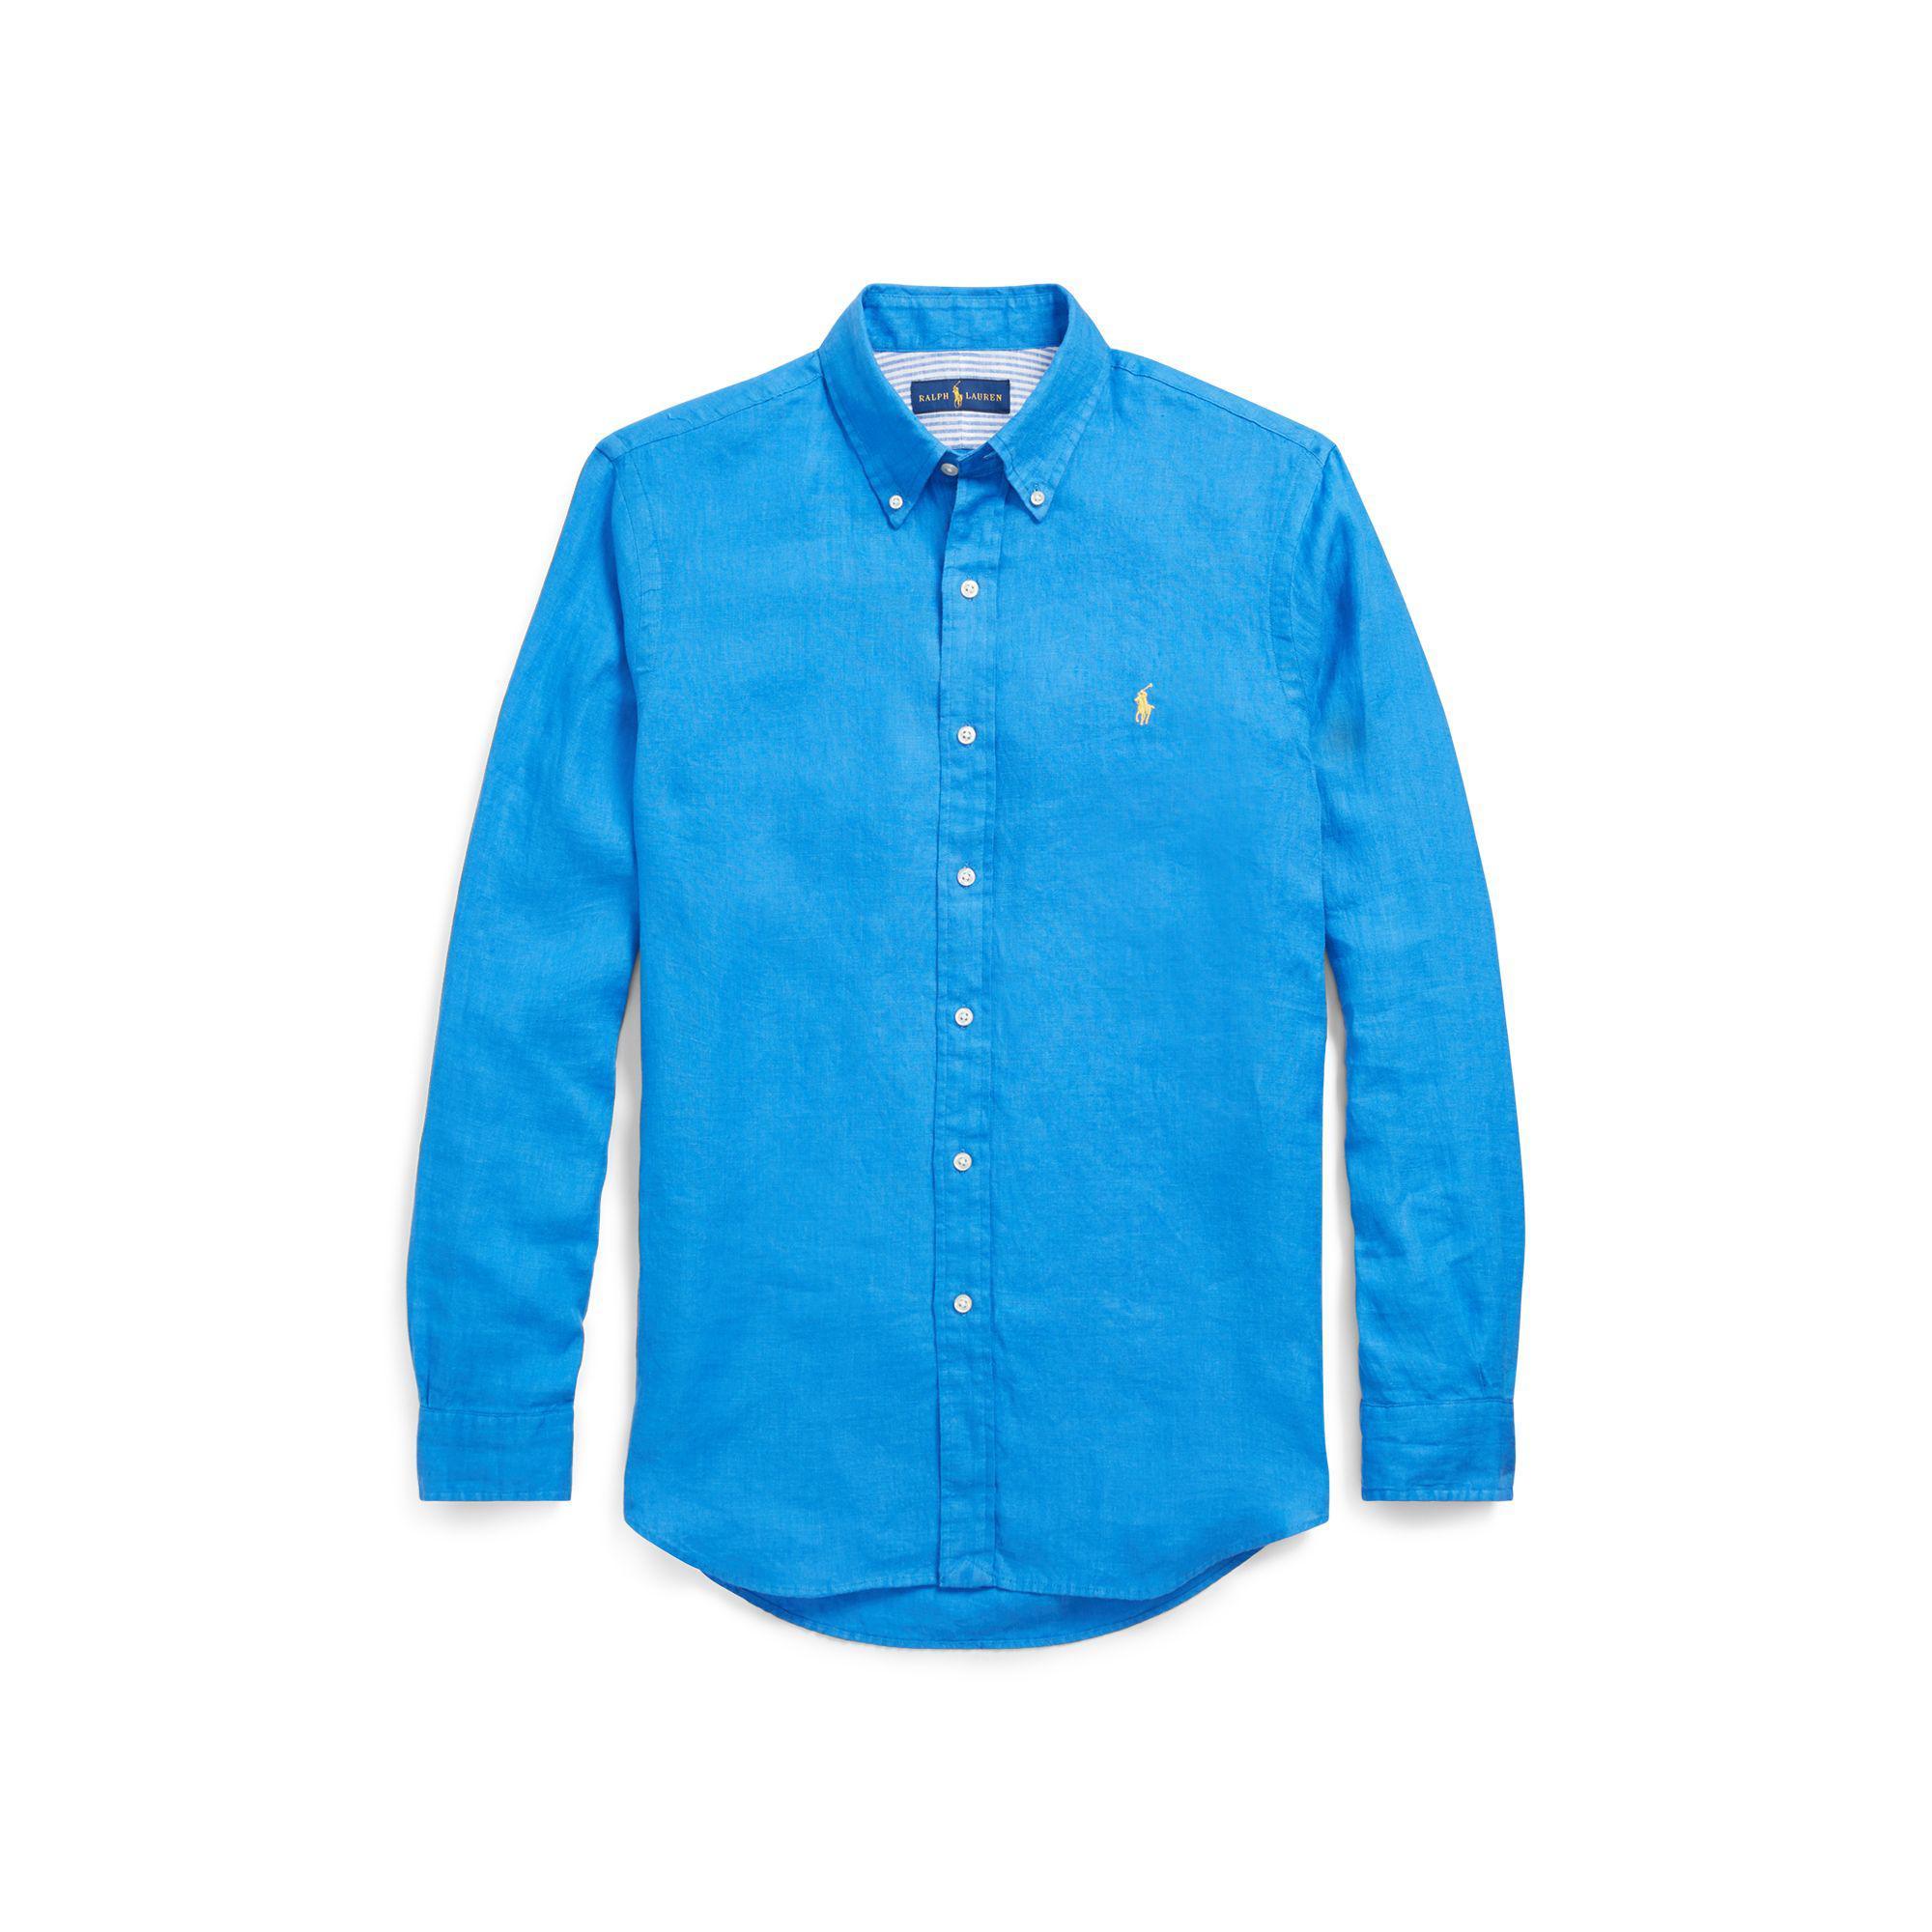 polo ralph lauren classic fit linen shirt in blue for men